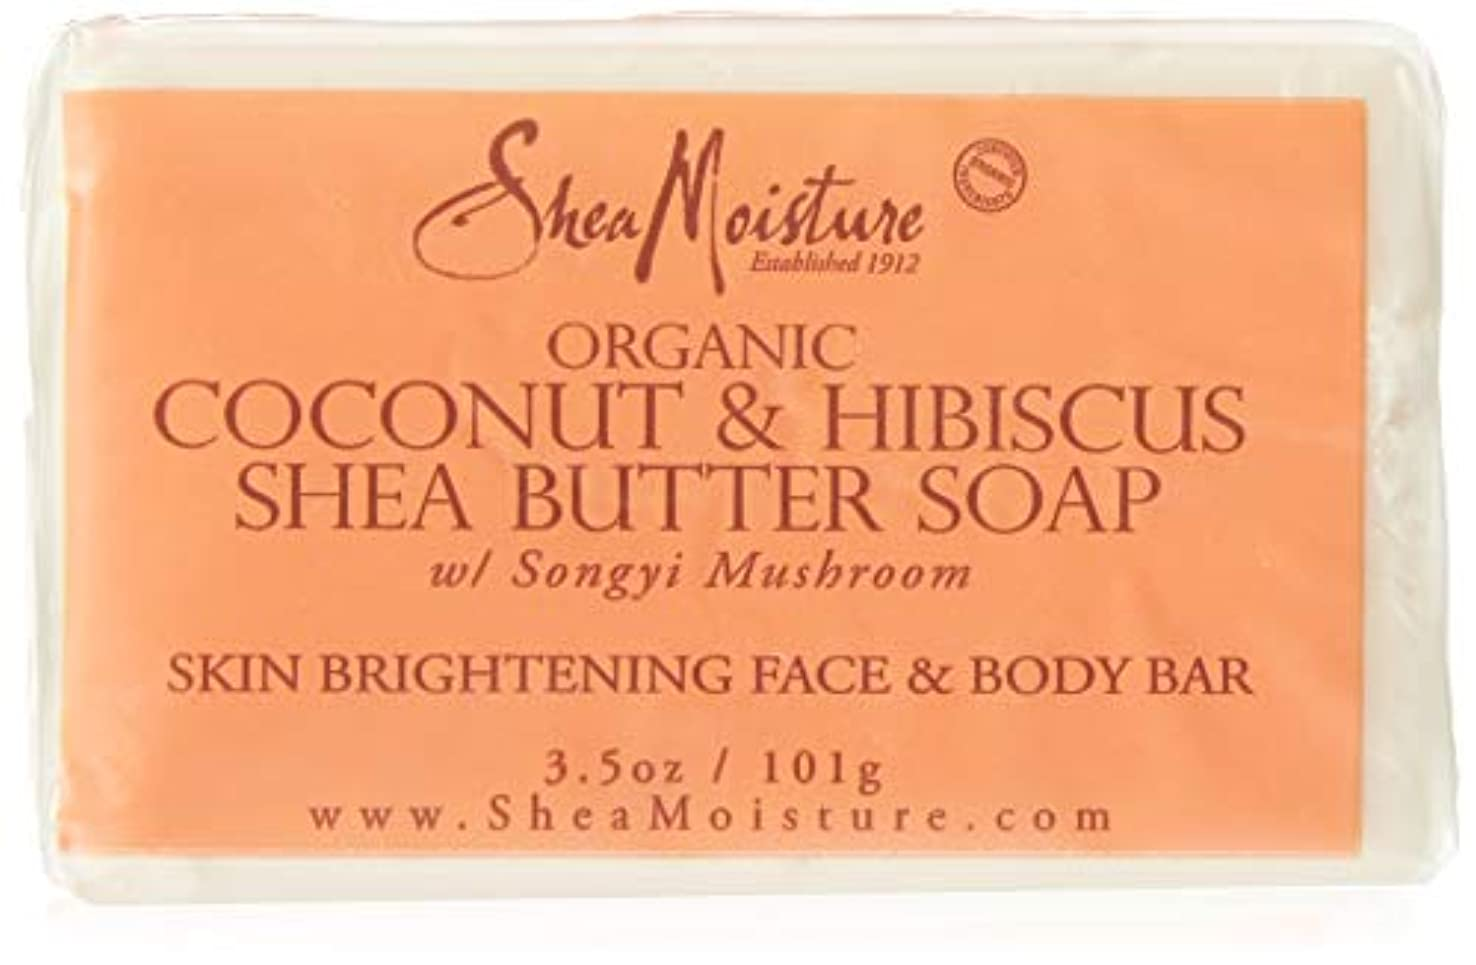 協力する地下鉄同等のオーガニックココナッツ&ハイビスカスシアバターソープ Organic Coconut & Hibiscus Shea Butter Soap